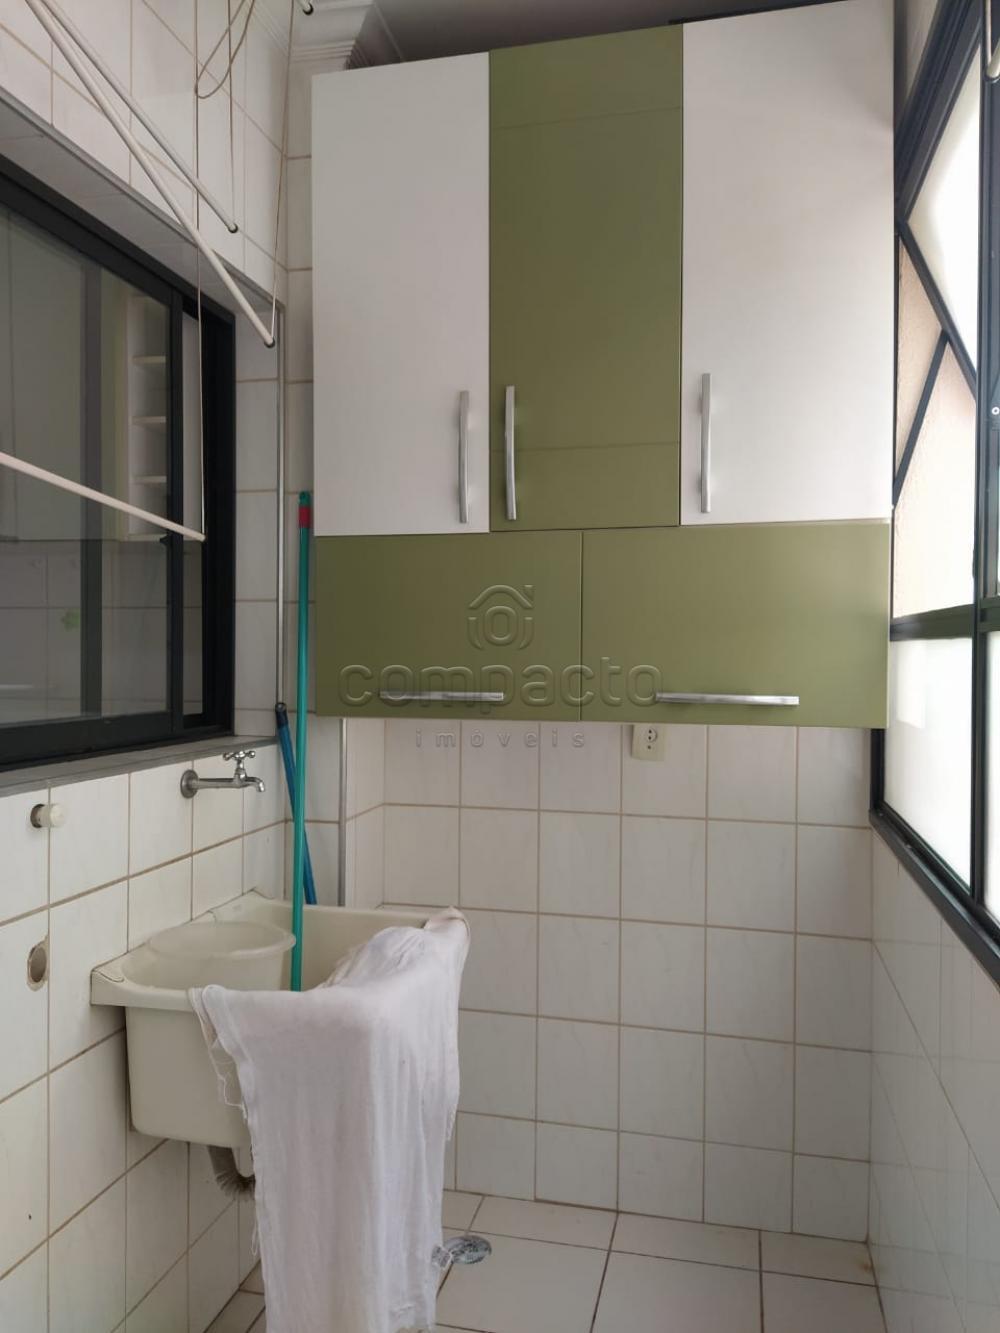 Comprar Apartamento / Padrão em São José do Rio Preto apenas R$ 250.000,00 - Foto 13